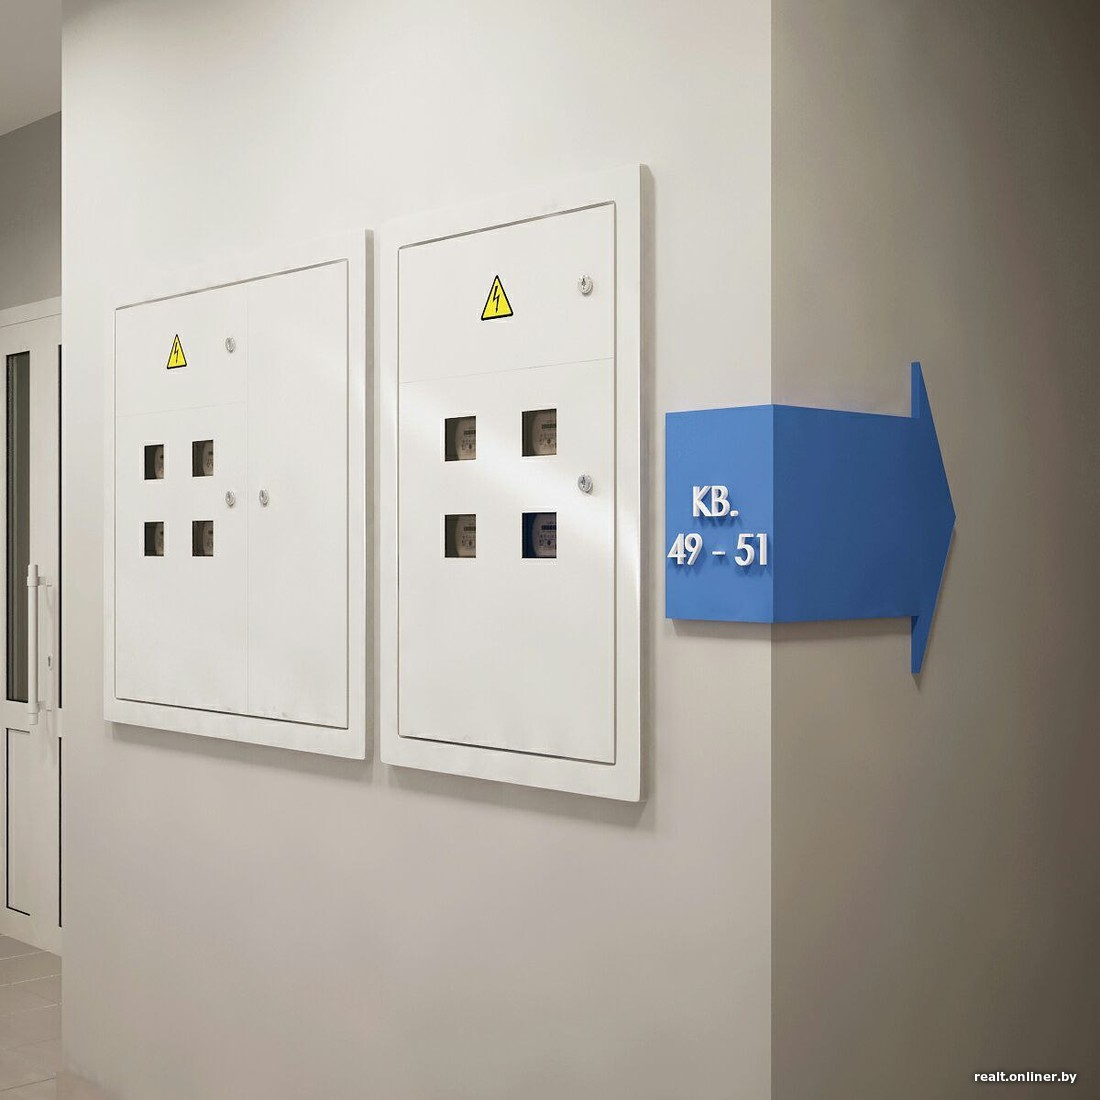 Интерьер жилого комплекса. Дизайн подъезда в ЖК Браславский